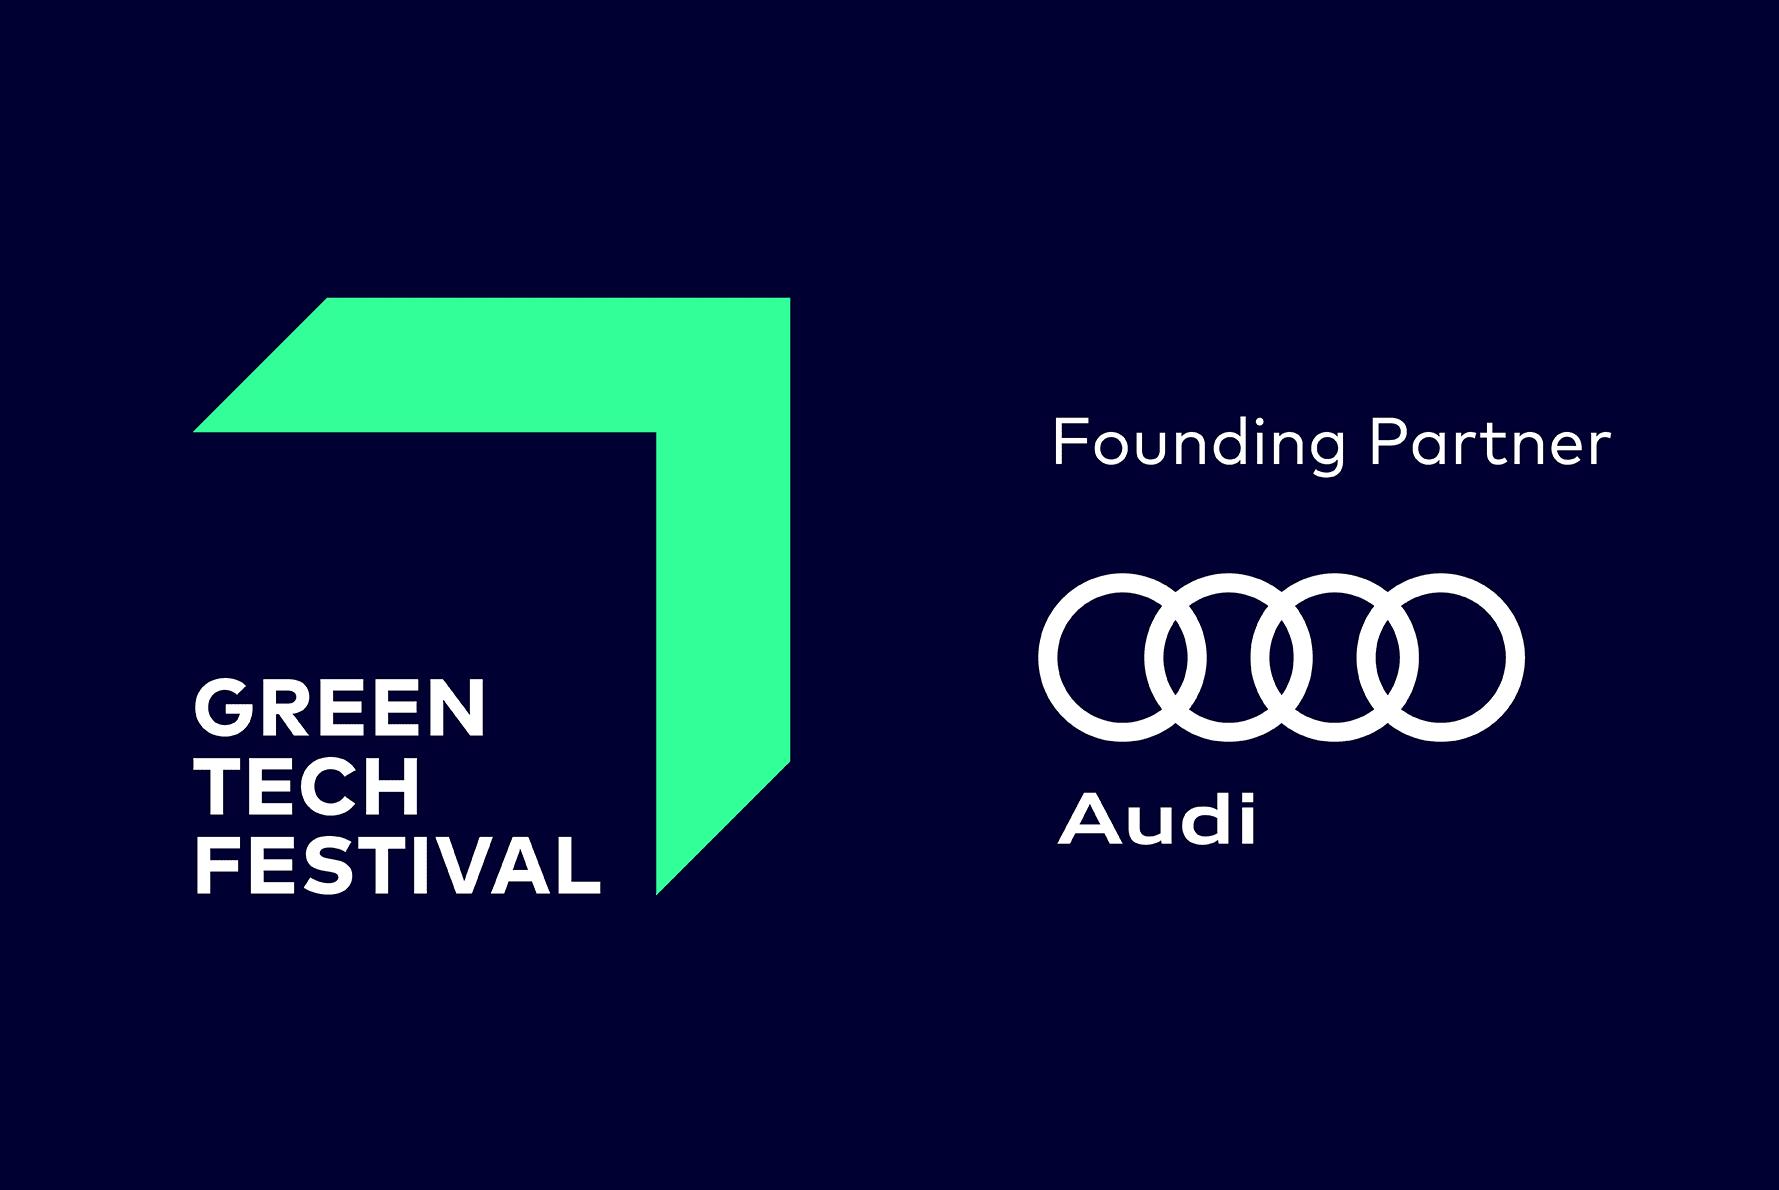 Audi wird Founding Partner des GREENTECH FESTIVALS